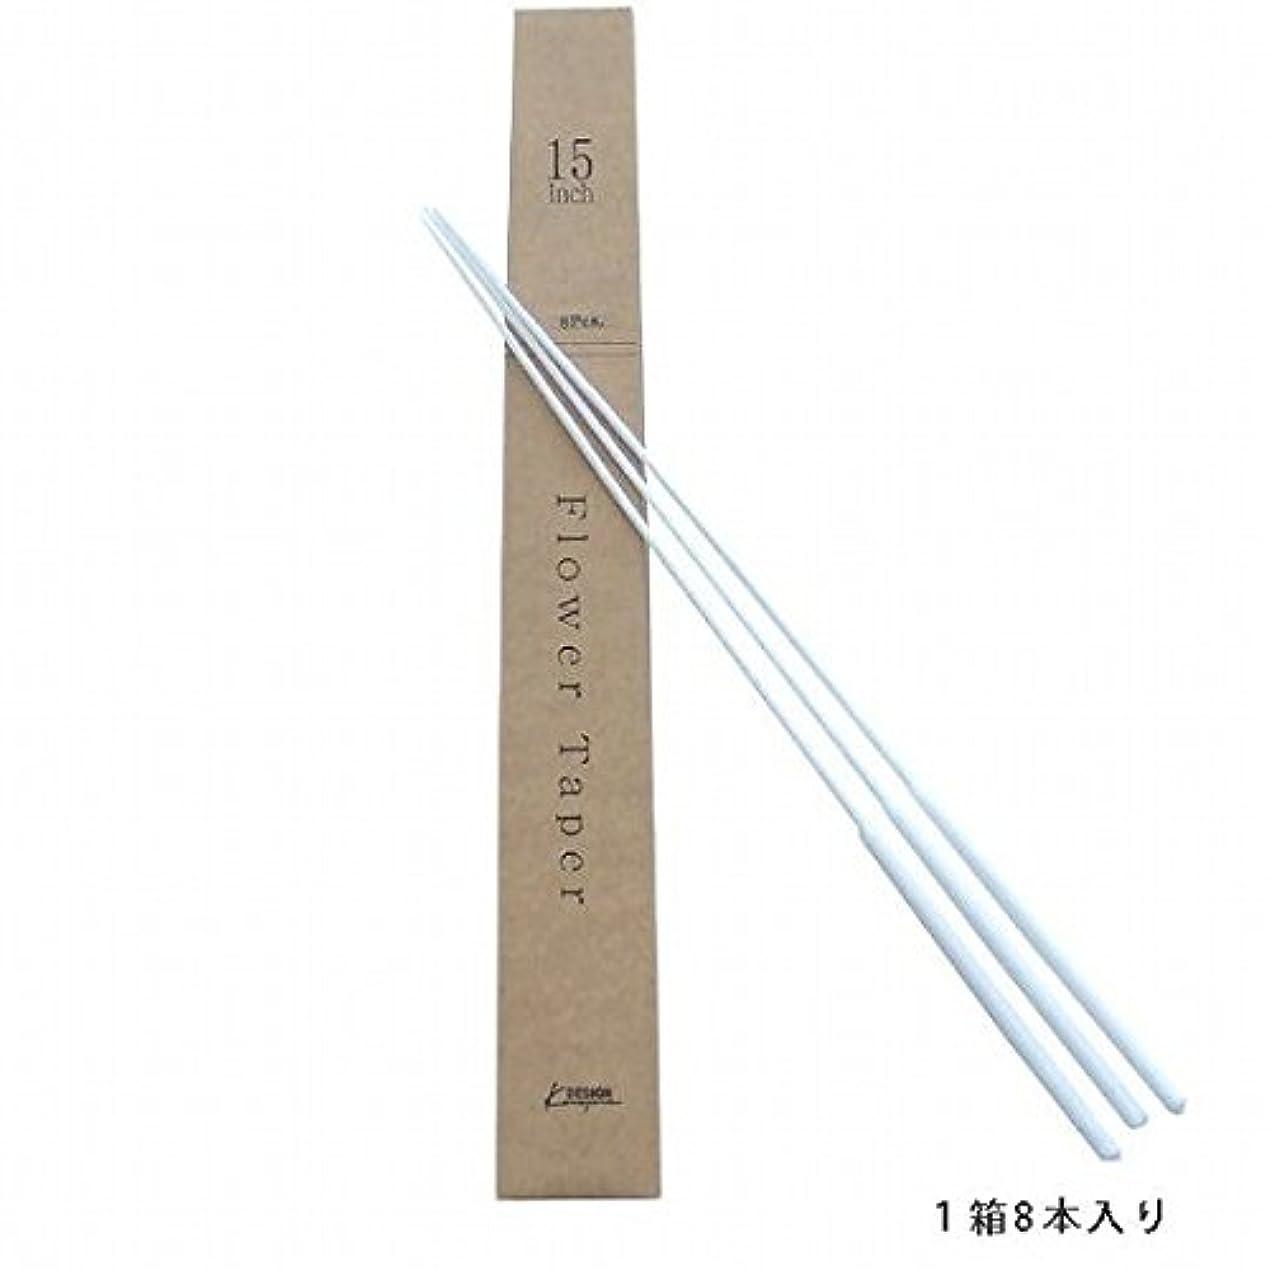 贅沢な磁器連合kameyama candle(カメヤマキャンドル) 15インチトーチ用フラワーテーパー 8本入 「 ホワイト 」(71839998W)